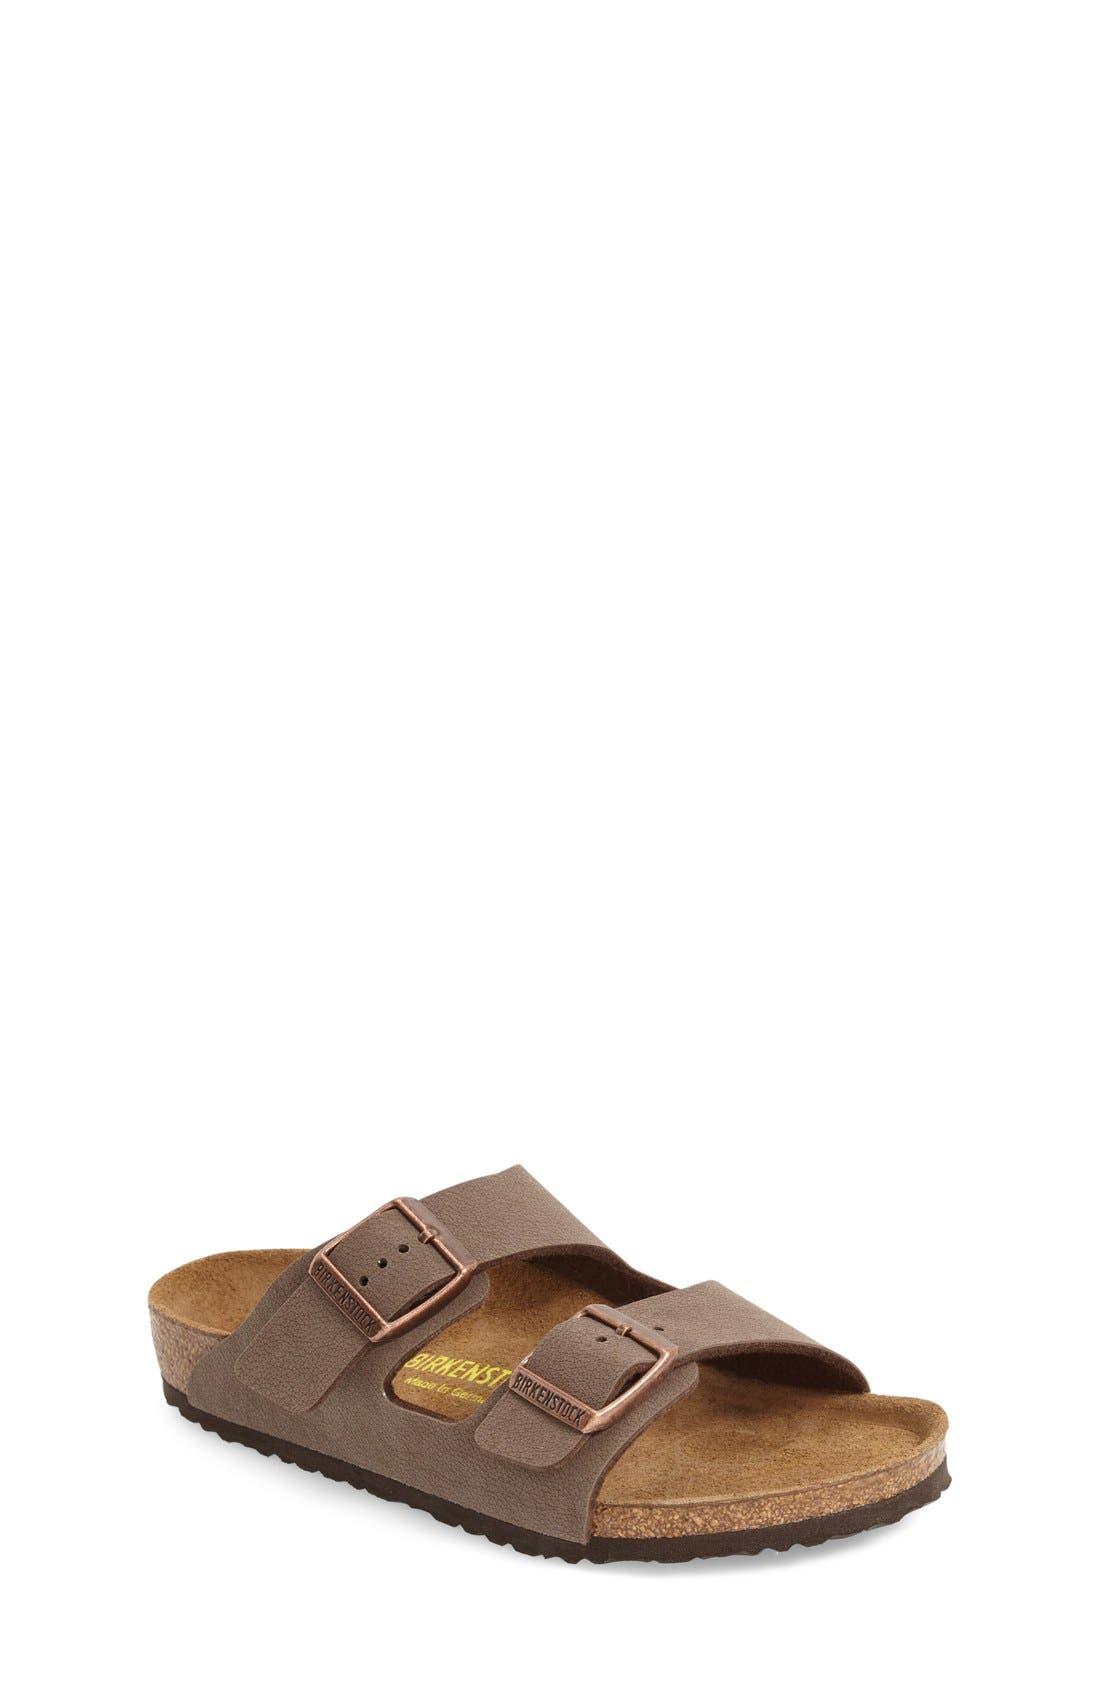 'Arizona' Suede Sandal,                             Main thumbnail 1, color,                             MOCHA